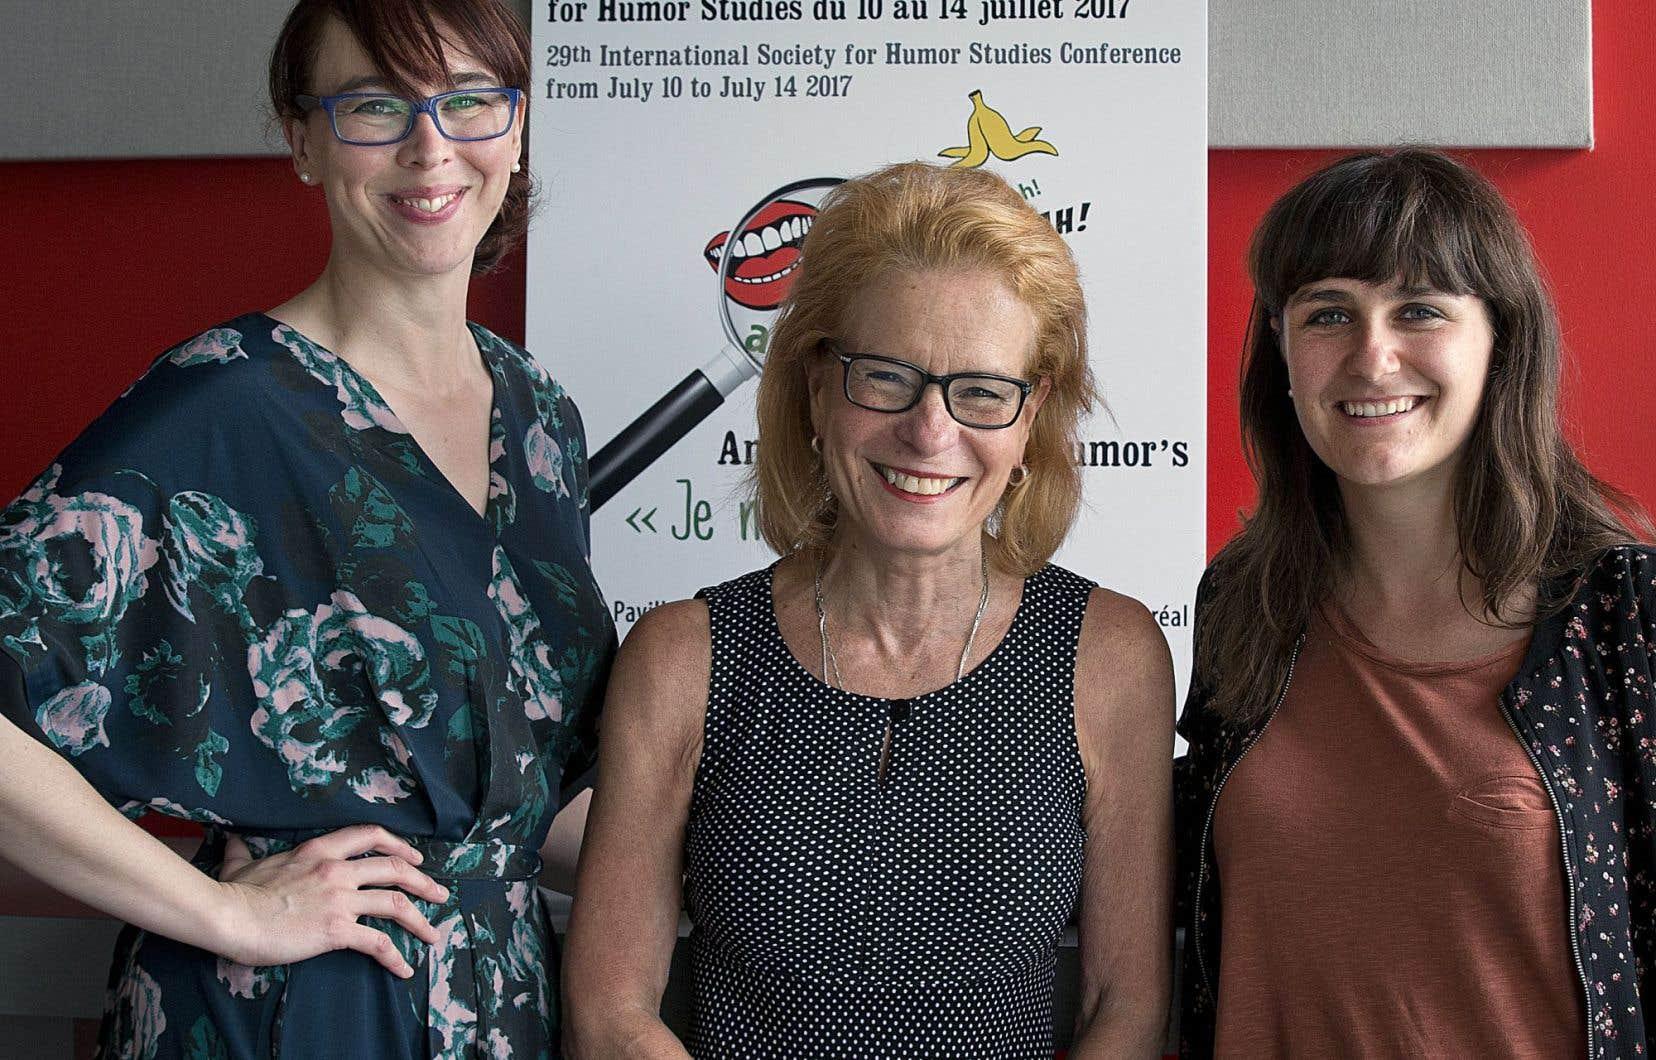 Christelle Paré, membre du comité organisateur de l'ISHS-Montréal, Louise Richer, directrice de l'École nationale de l'humour, et Julie Dufort, doctorante en science politique à l'UQAM et professeure à l'École nationale de l'humour